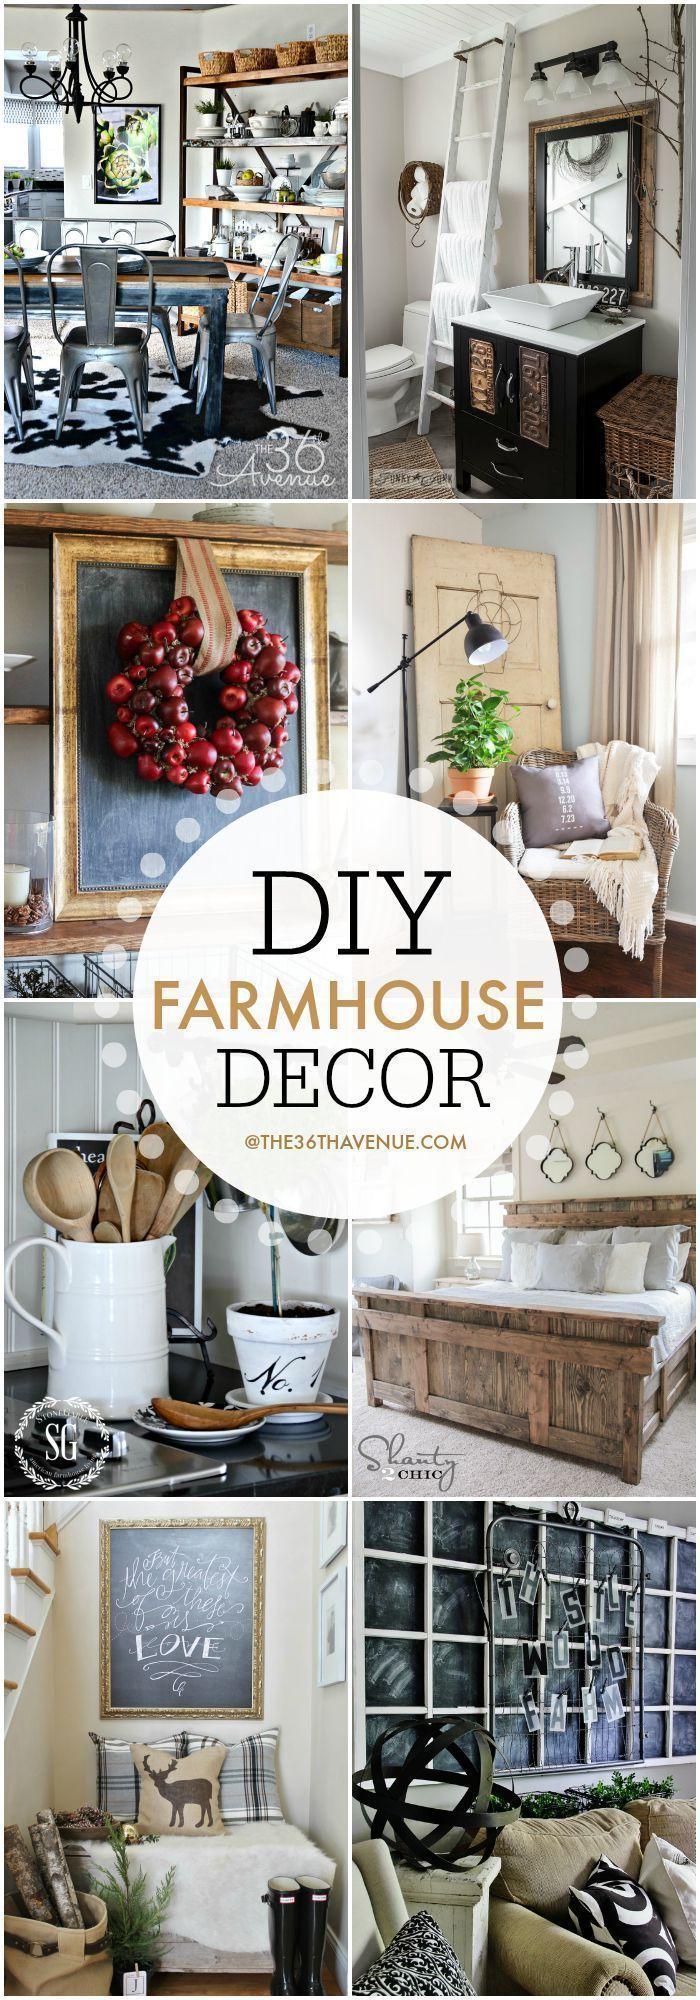 Farmhouse Home Decor Ideas | Decorating, Farm house and Farmhouse ...